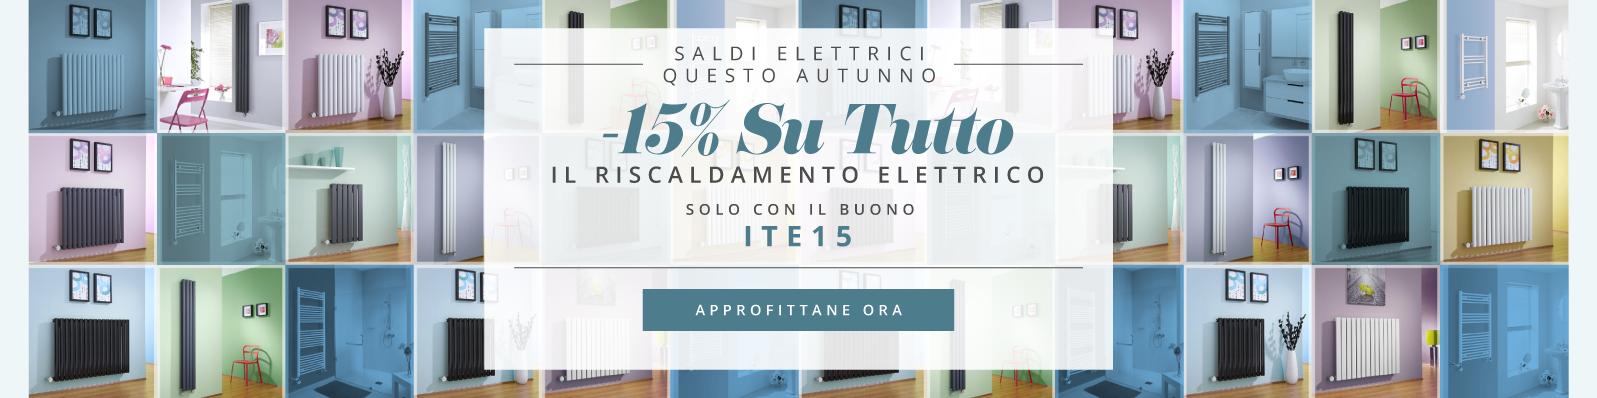 Saldi Elettrici Questo Autunno -15% Su Tutto Il Riscaldamento Elettrico Solo con il buono ITE15